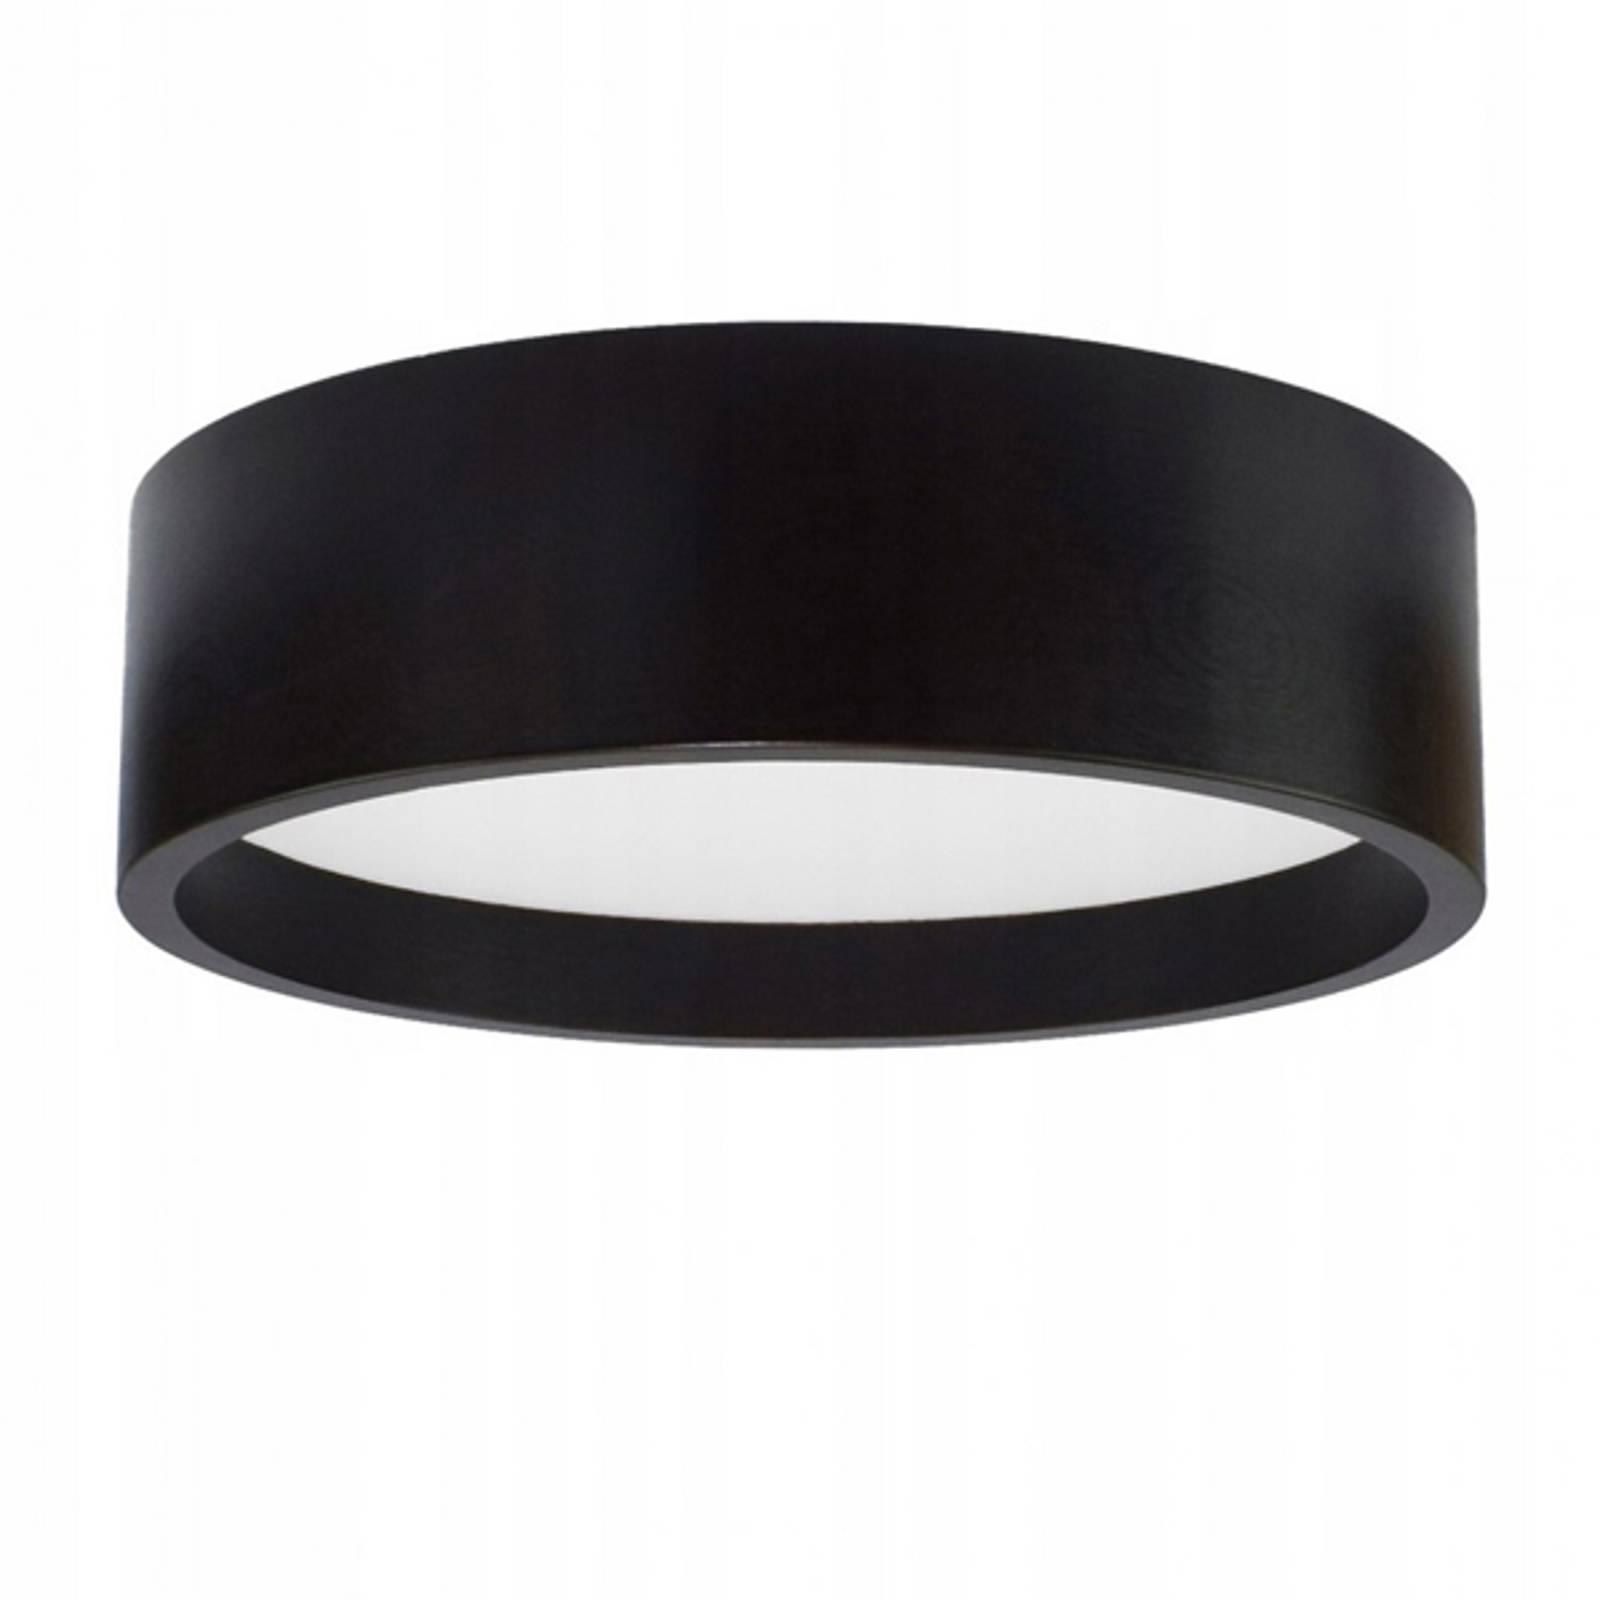 LED-kattovalaisin Deep, Ø 38 cm, musta